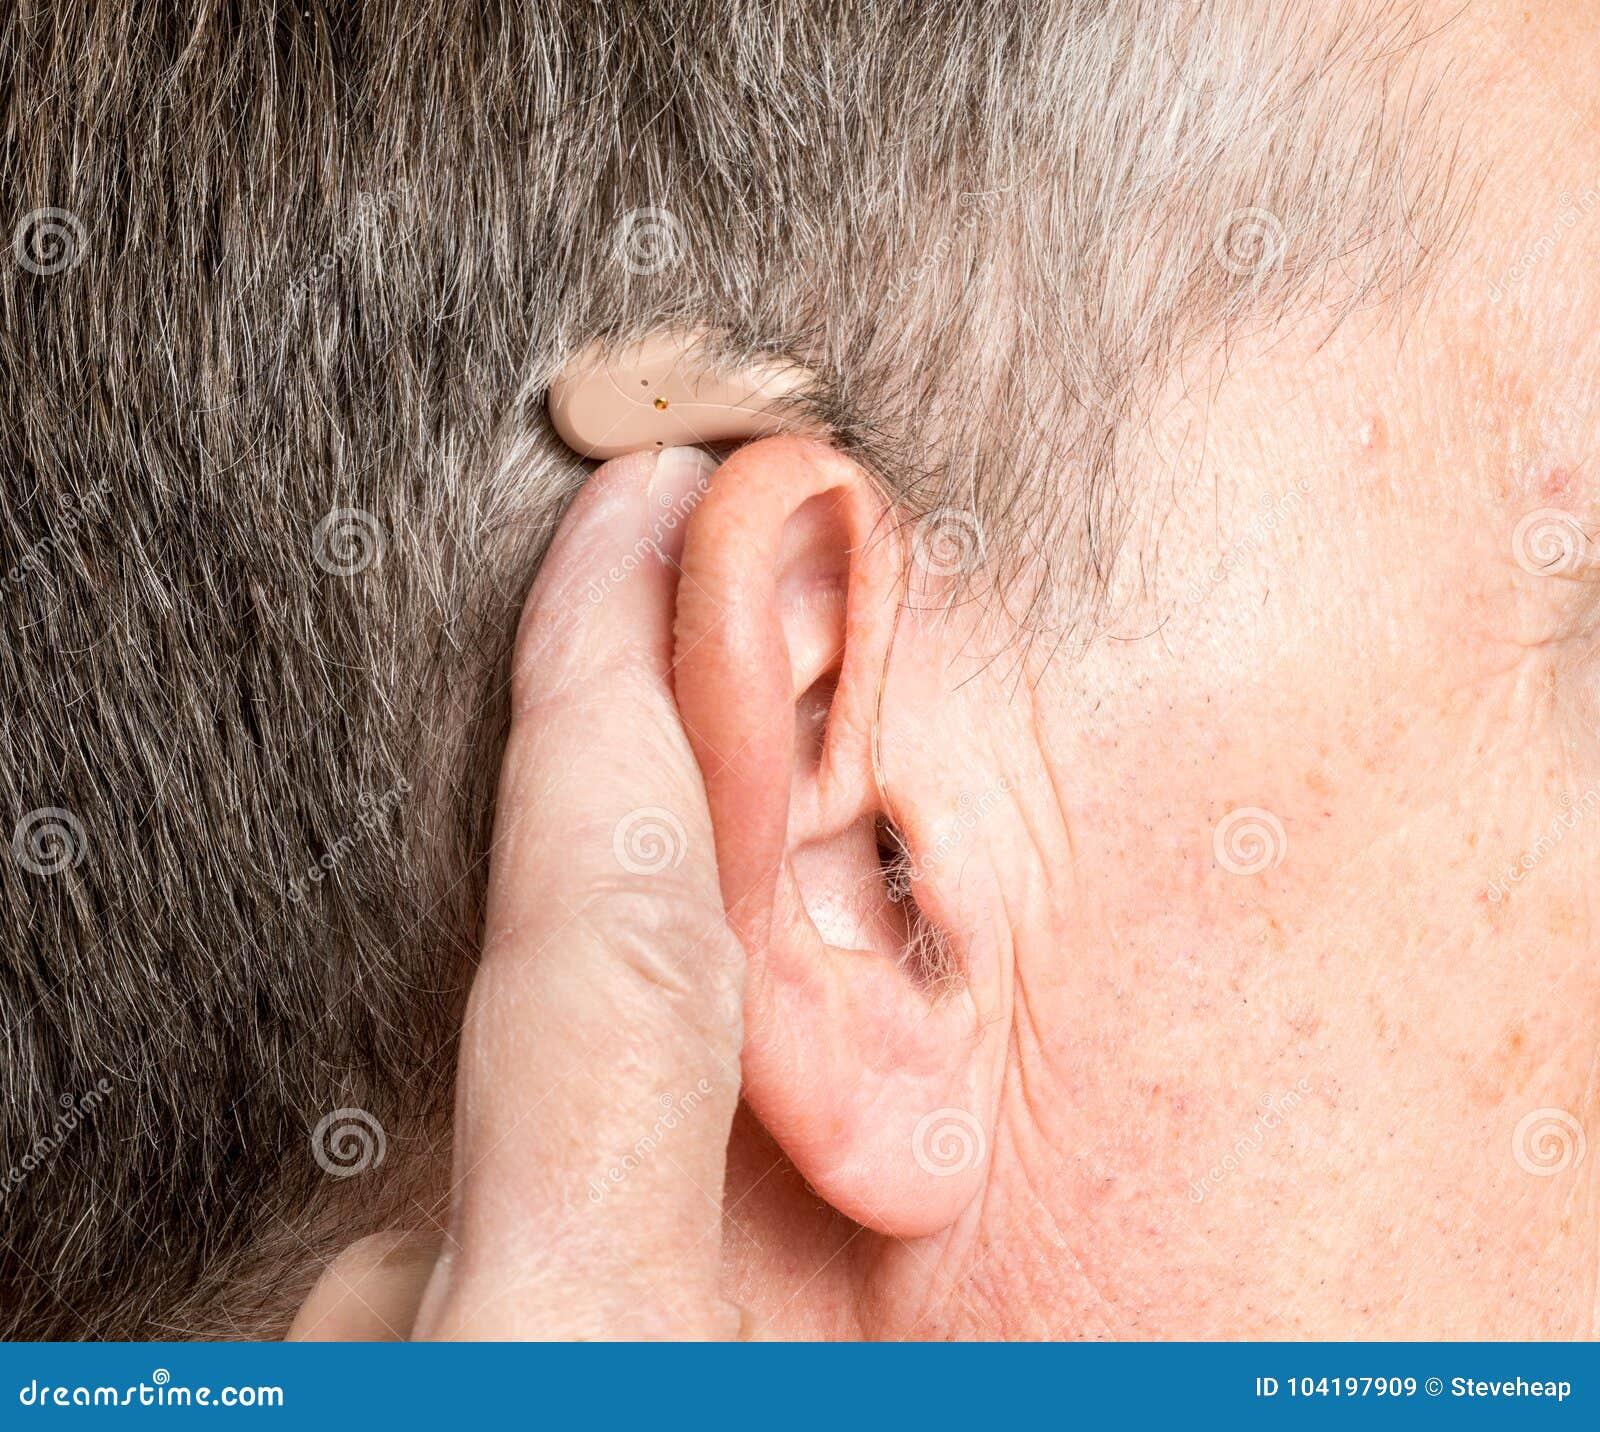 Stäng sig upp av en mycket liten modern hörapparat bak örat